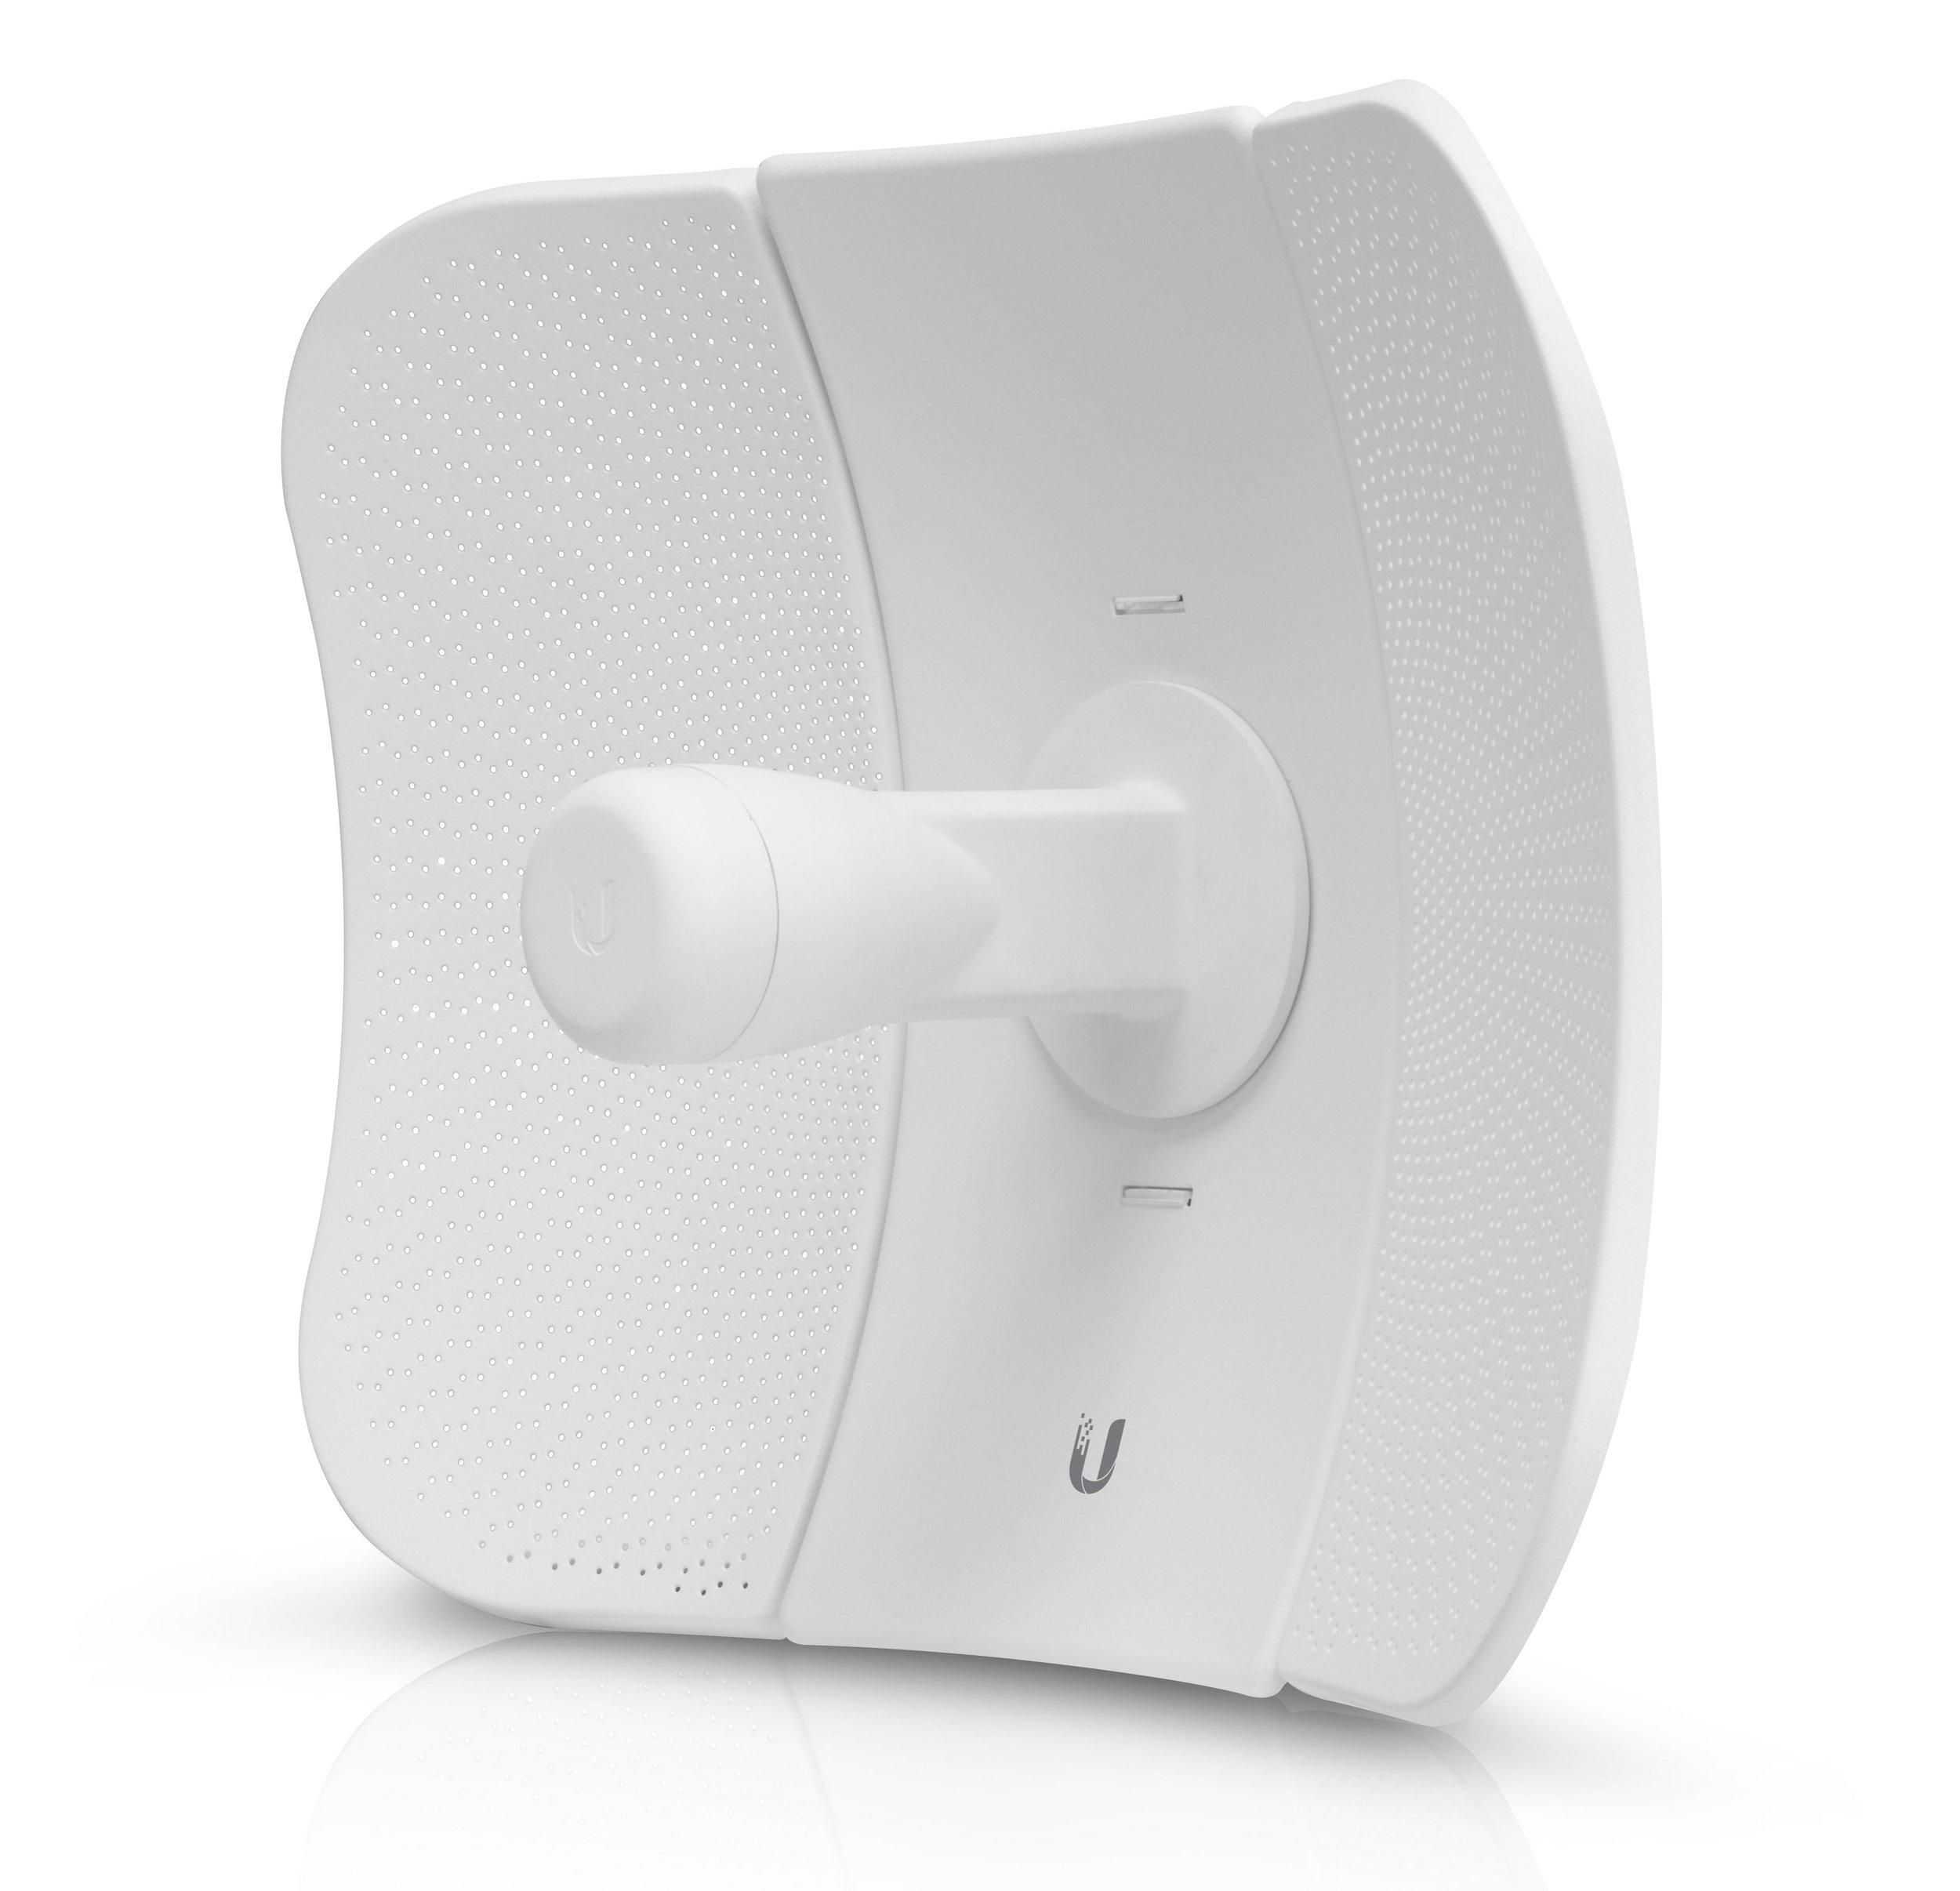 Ubiquiti LiteBeam Antenna